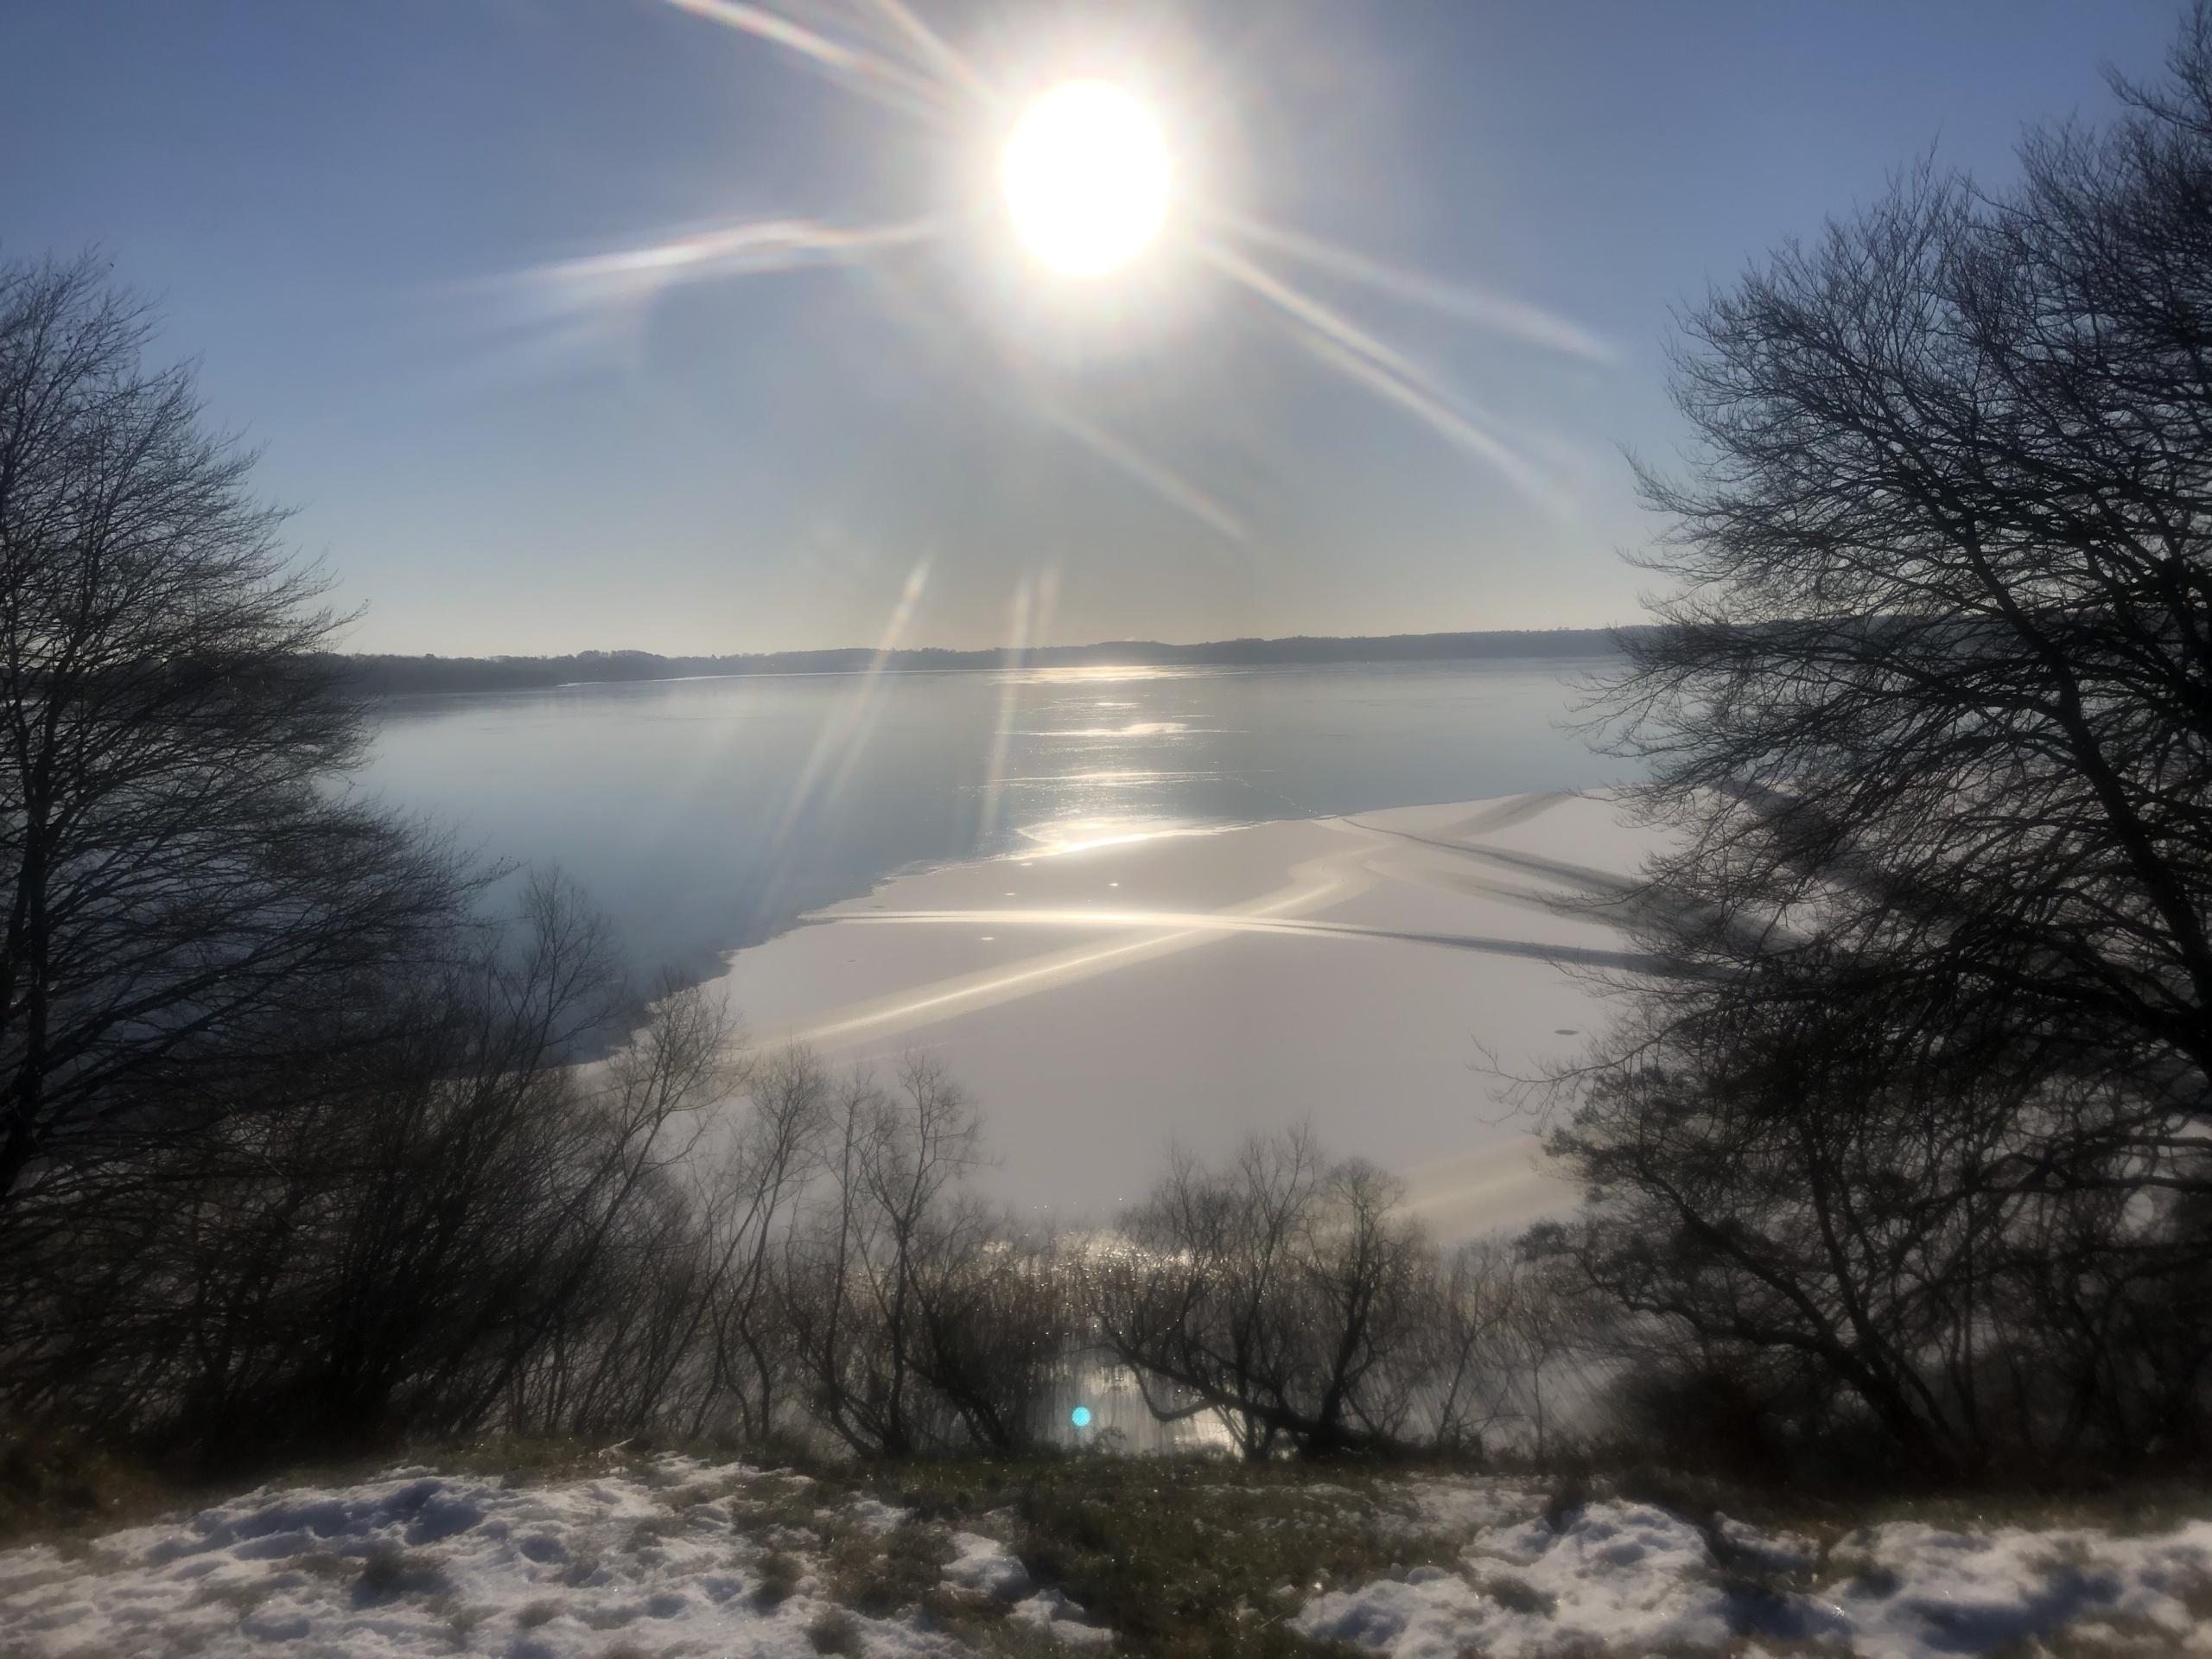 Frostklar morgen